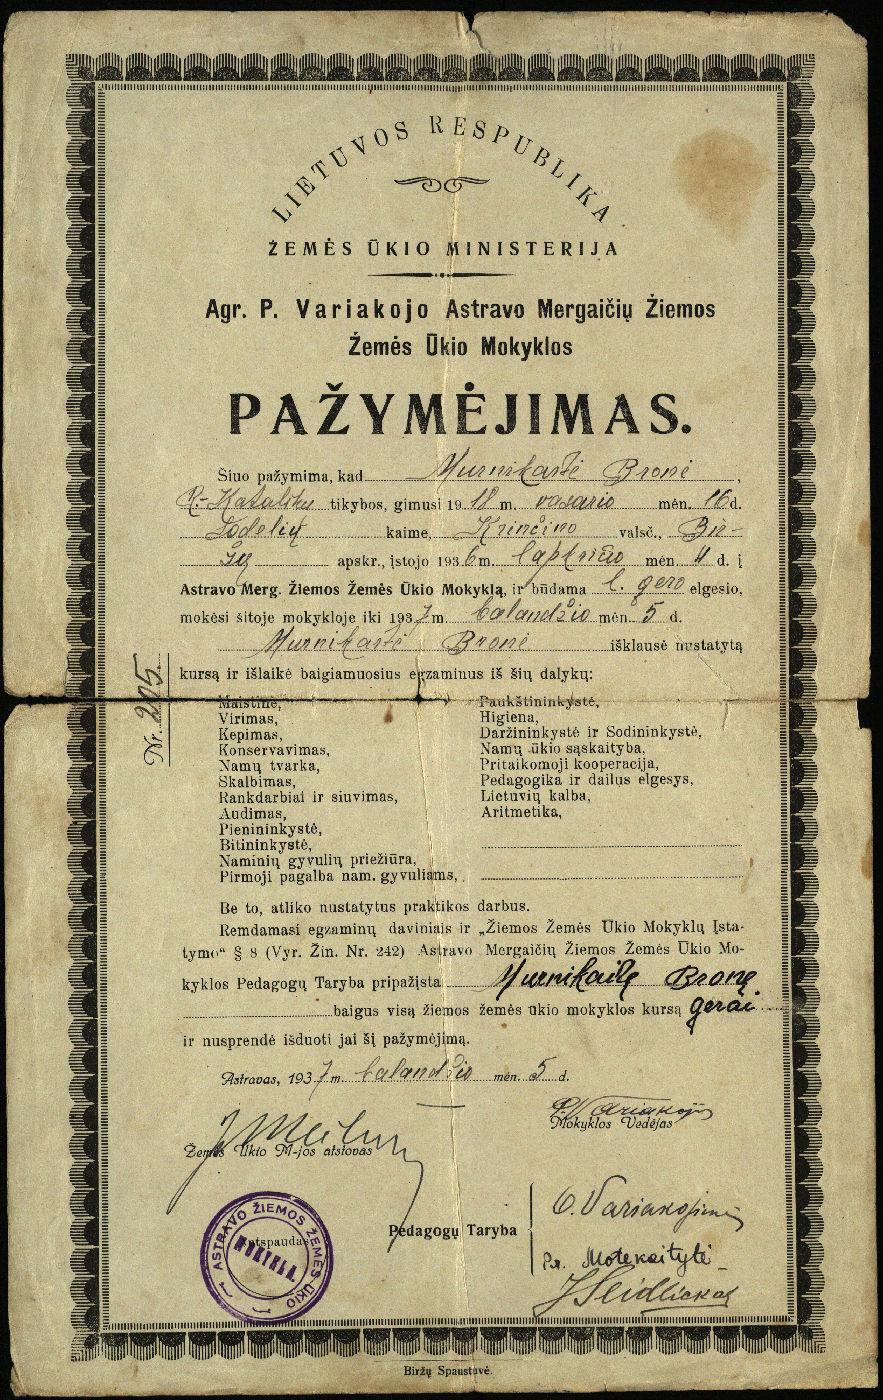 Agronomo P. Variakojo Astravo Mergaičių Žiemos žemės ūkio mokyklos pažymėjimas, išduotas Bronei Murnikaitei, 1937 m.